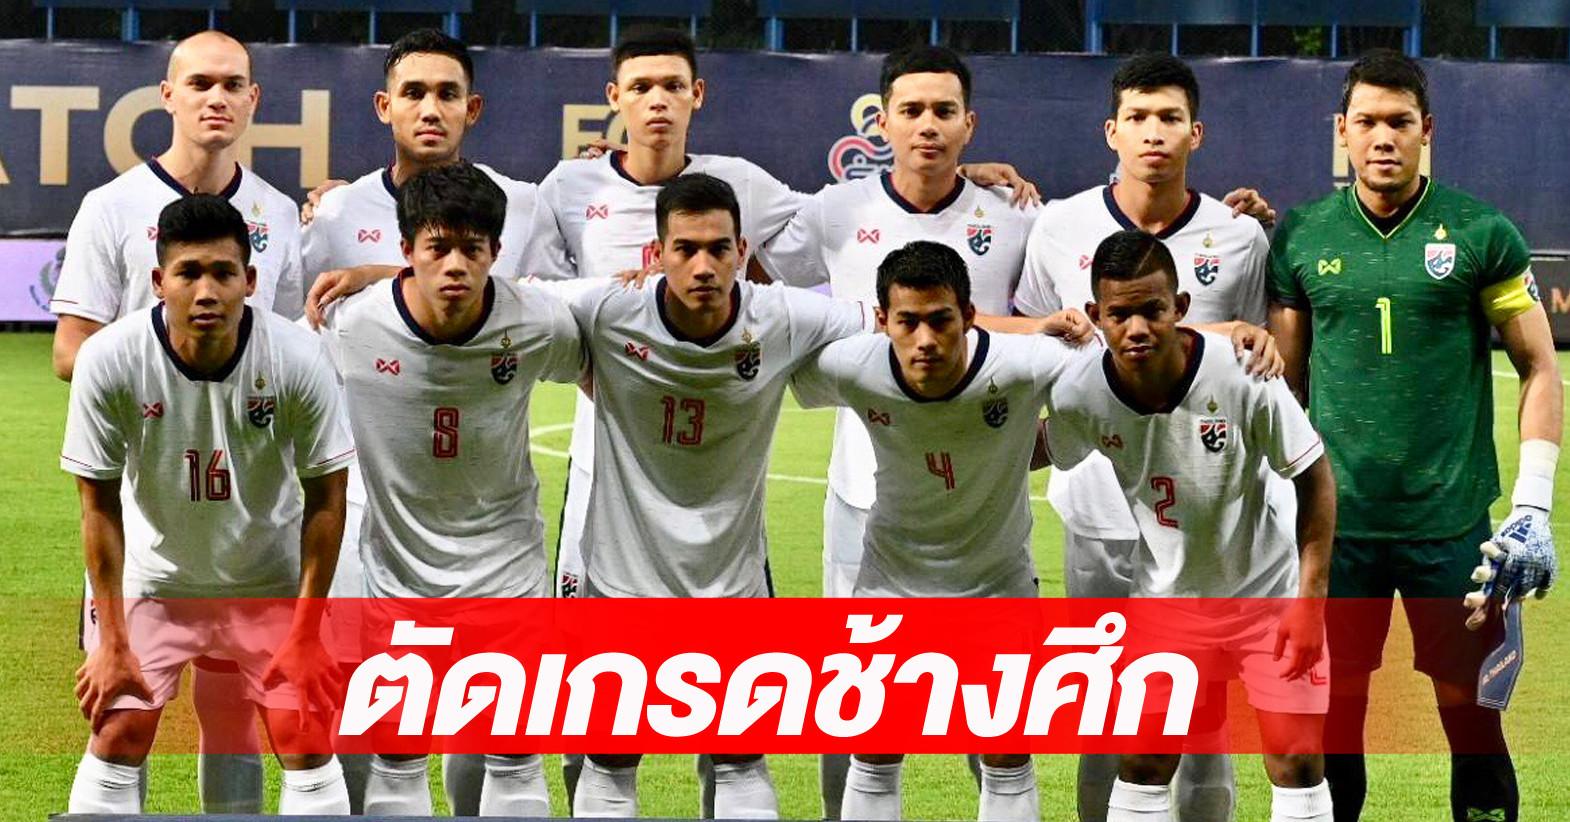 เล่นดีแต่ไม่ชนะ! ตัดเกรดช้างศึก อุ่นเครื่องเจ๊า คองโก 1-1 - บทความฟุตบอลไทย